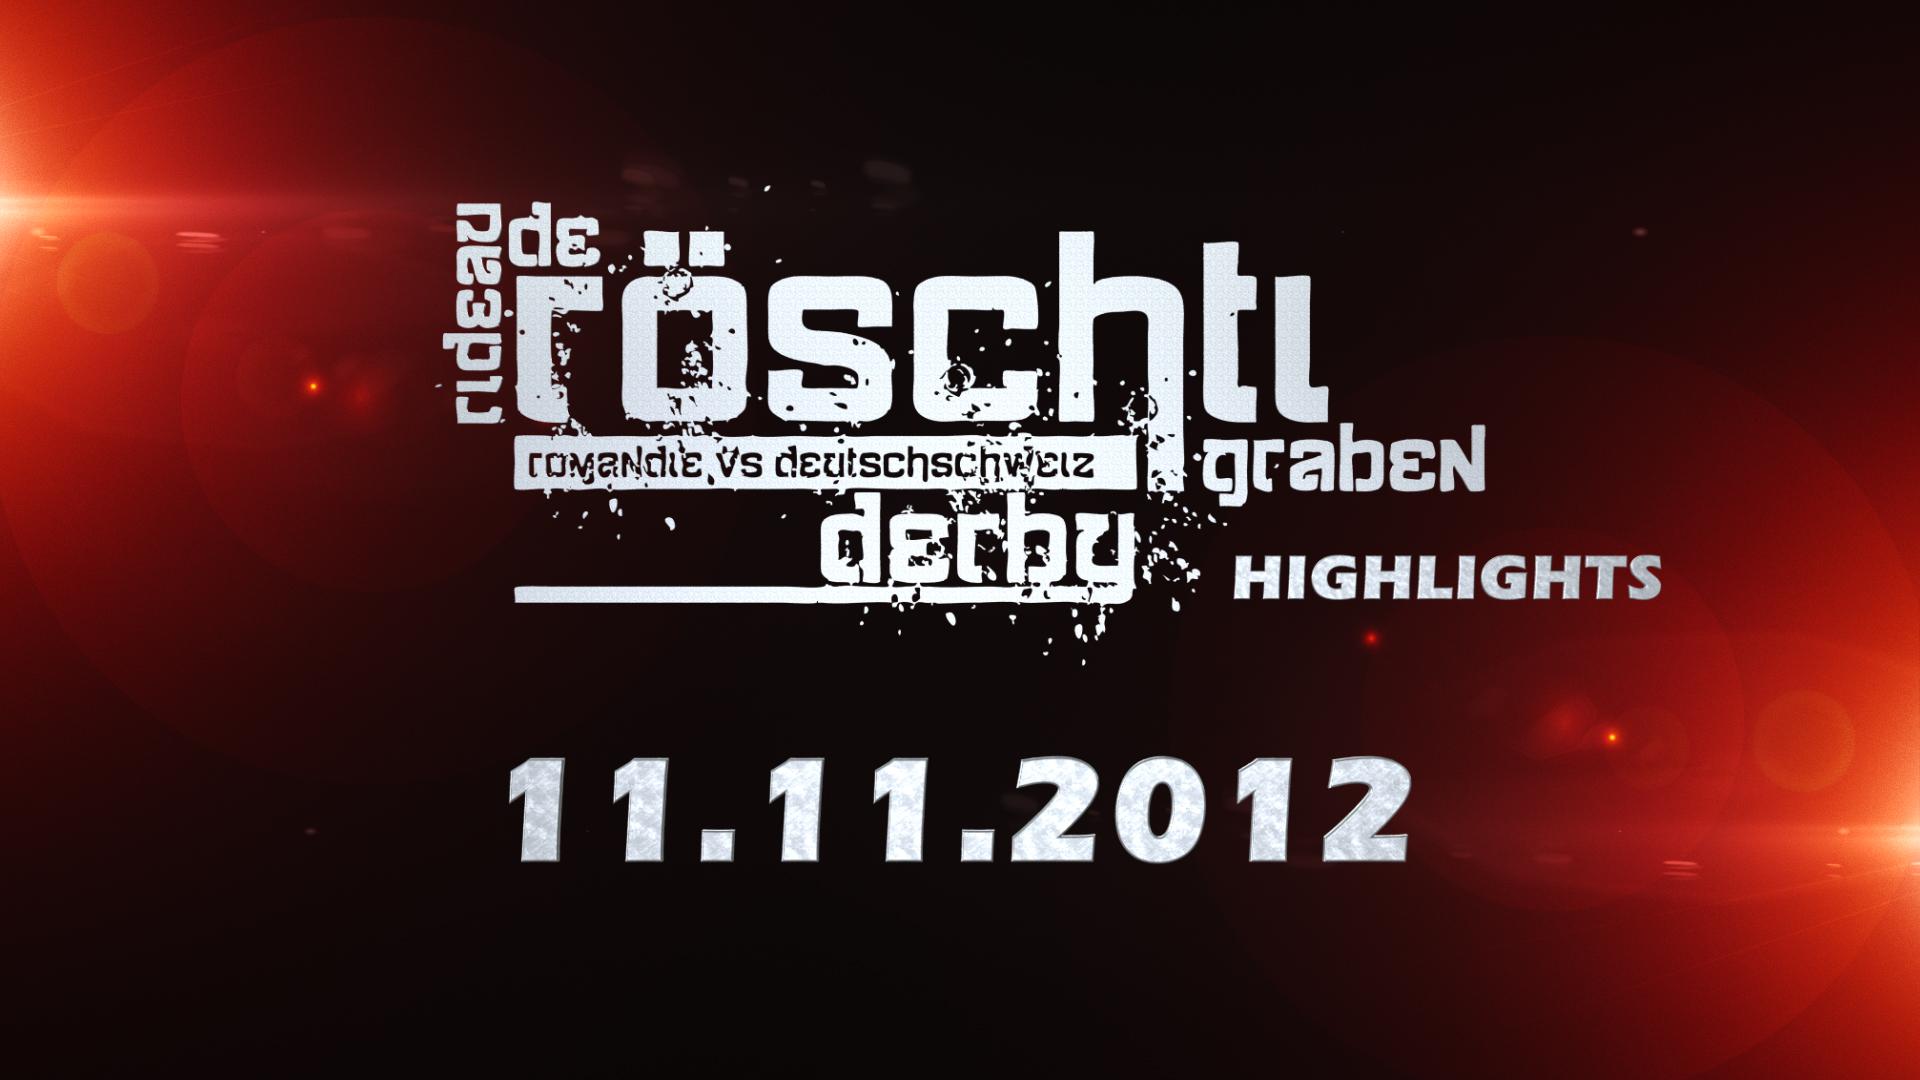 Röschtigrabe Derby 2012 (Teaser)